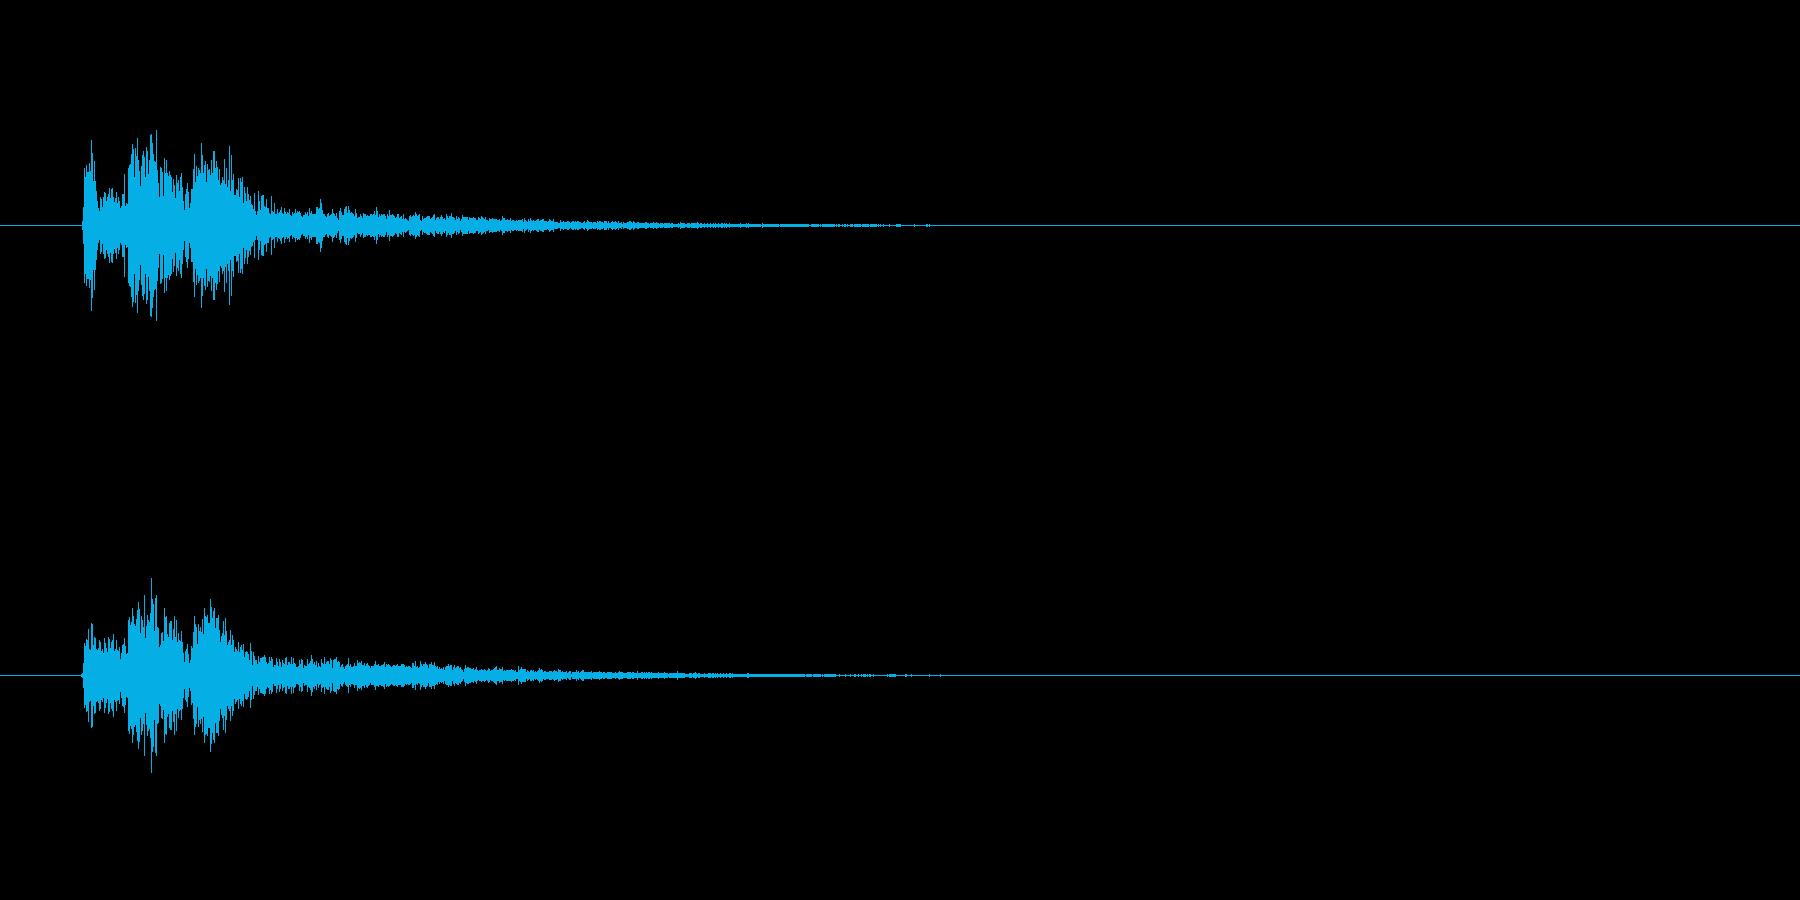 【スポットライト03-1】の再生済みの波形